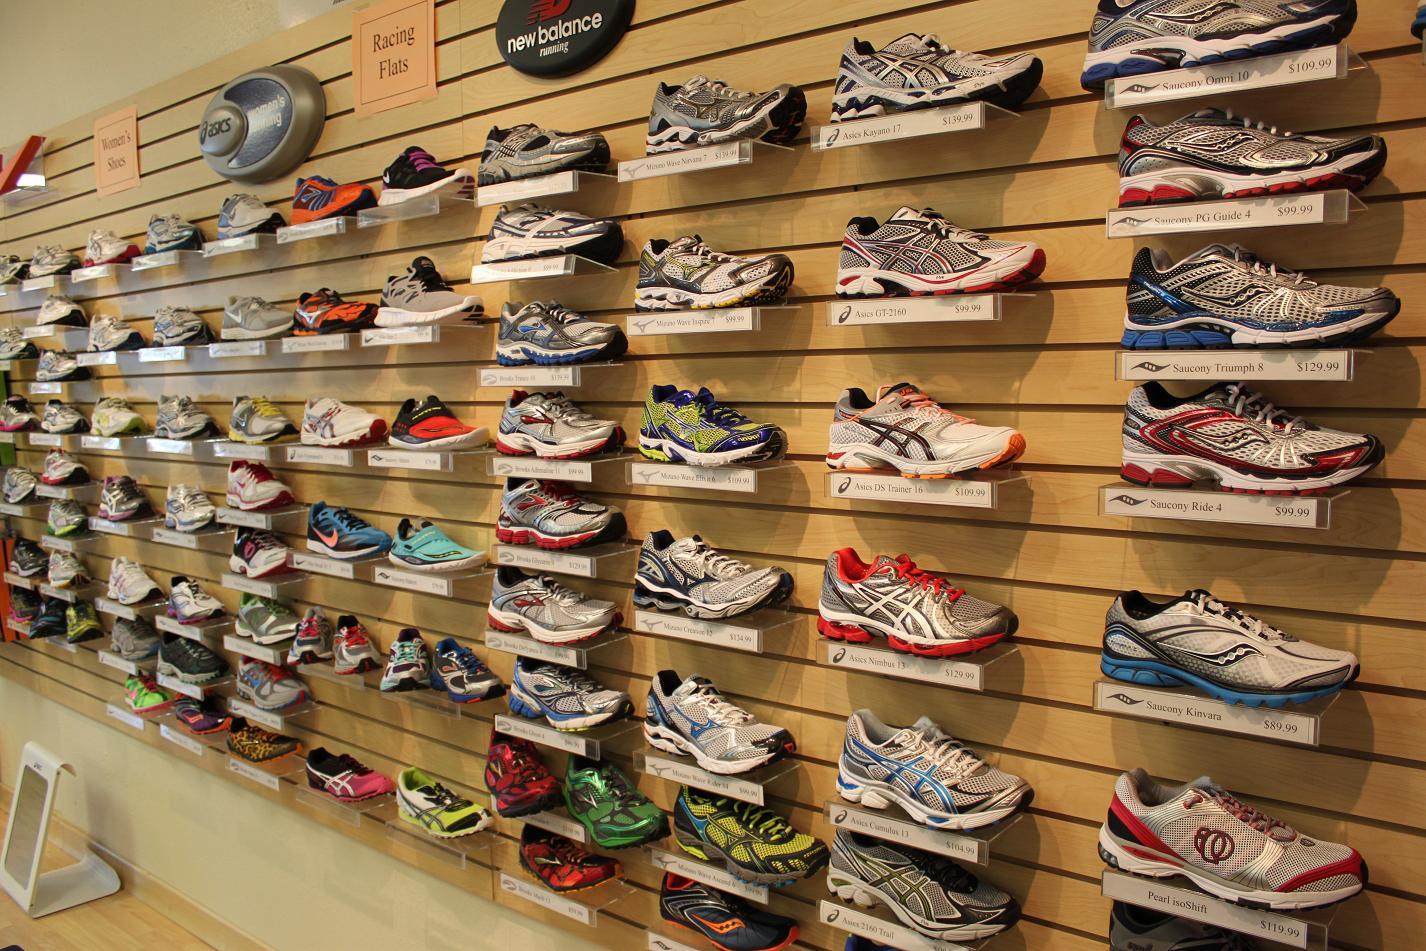 [VODIČ ZA KUPOVINU] Kako da kupim patike za trčanje?